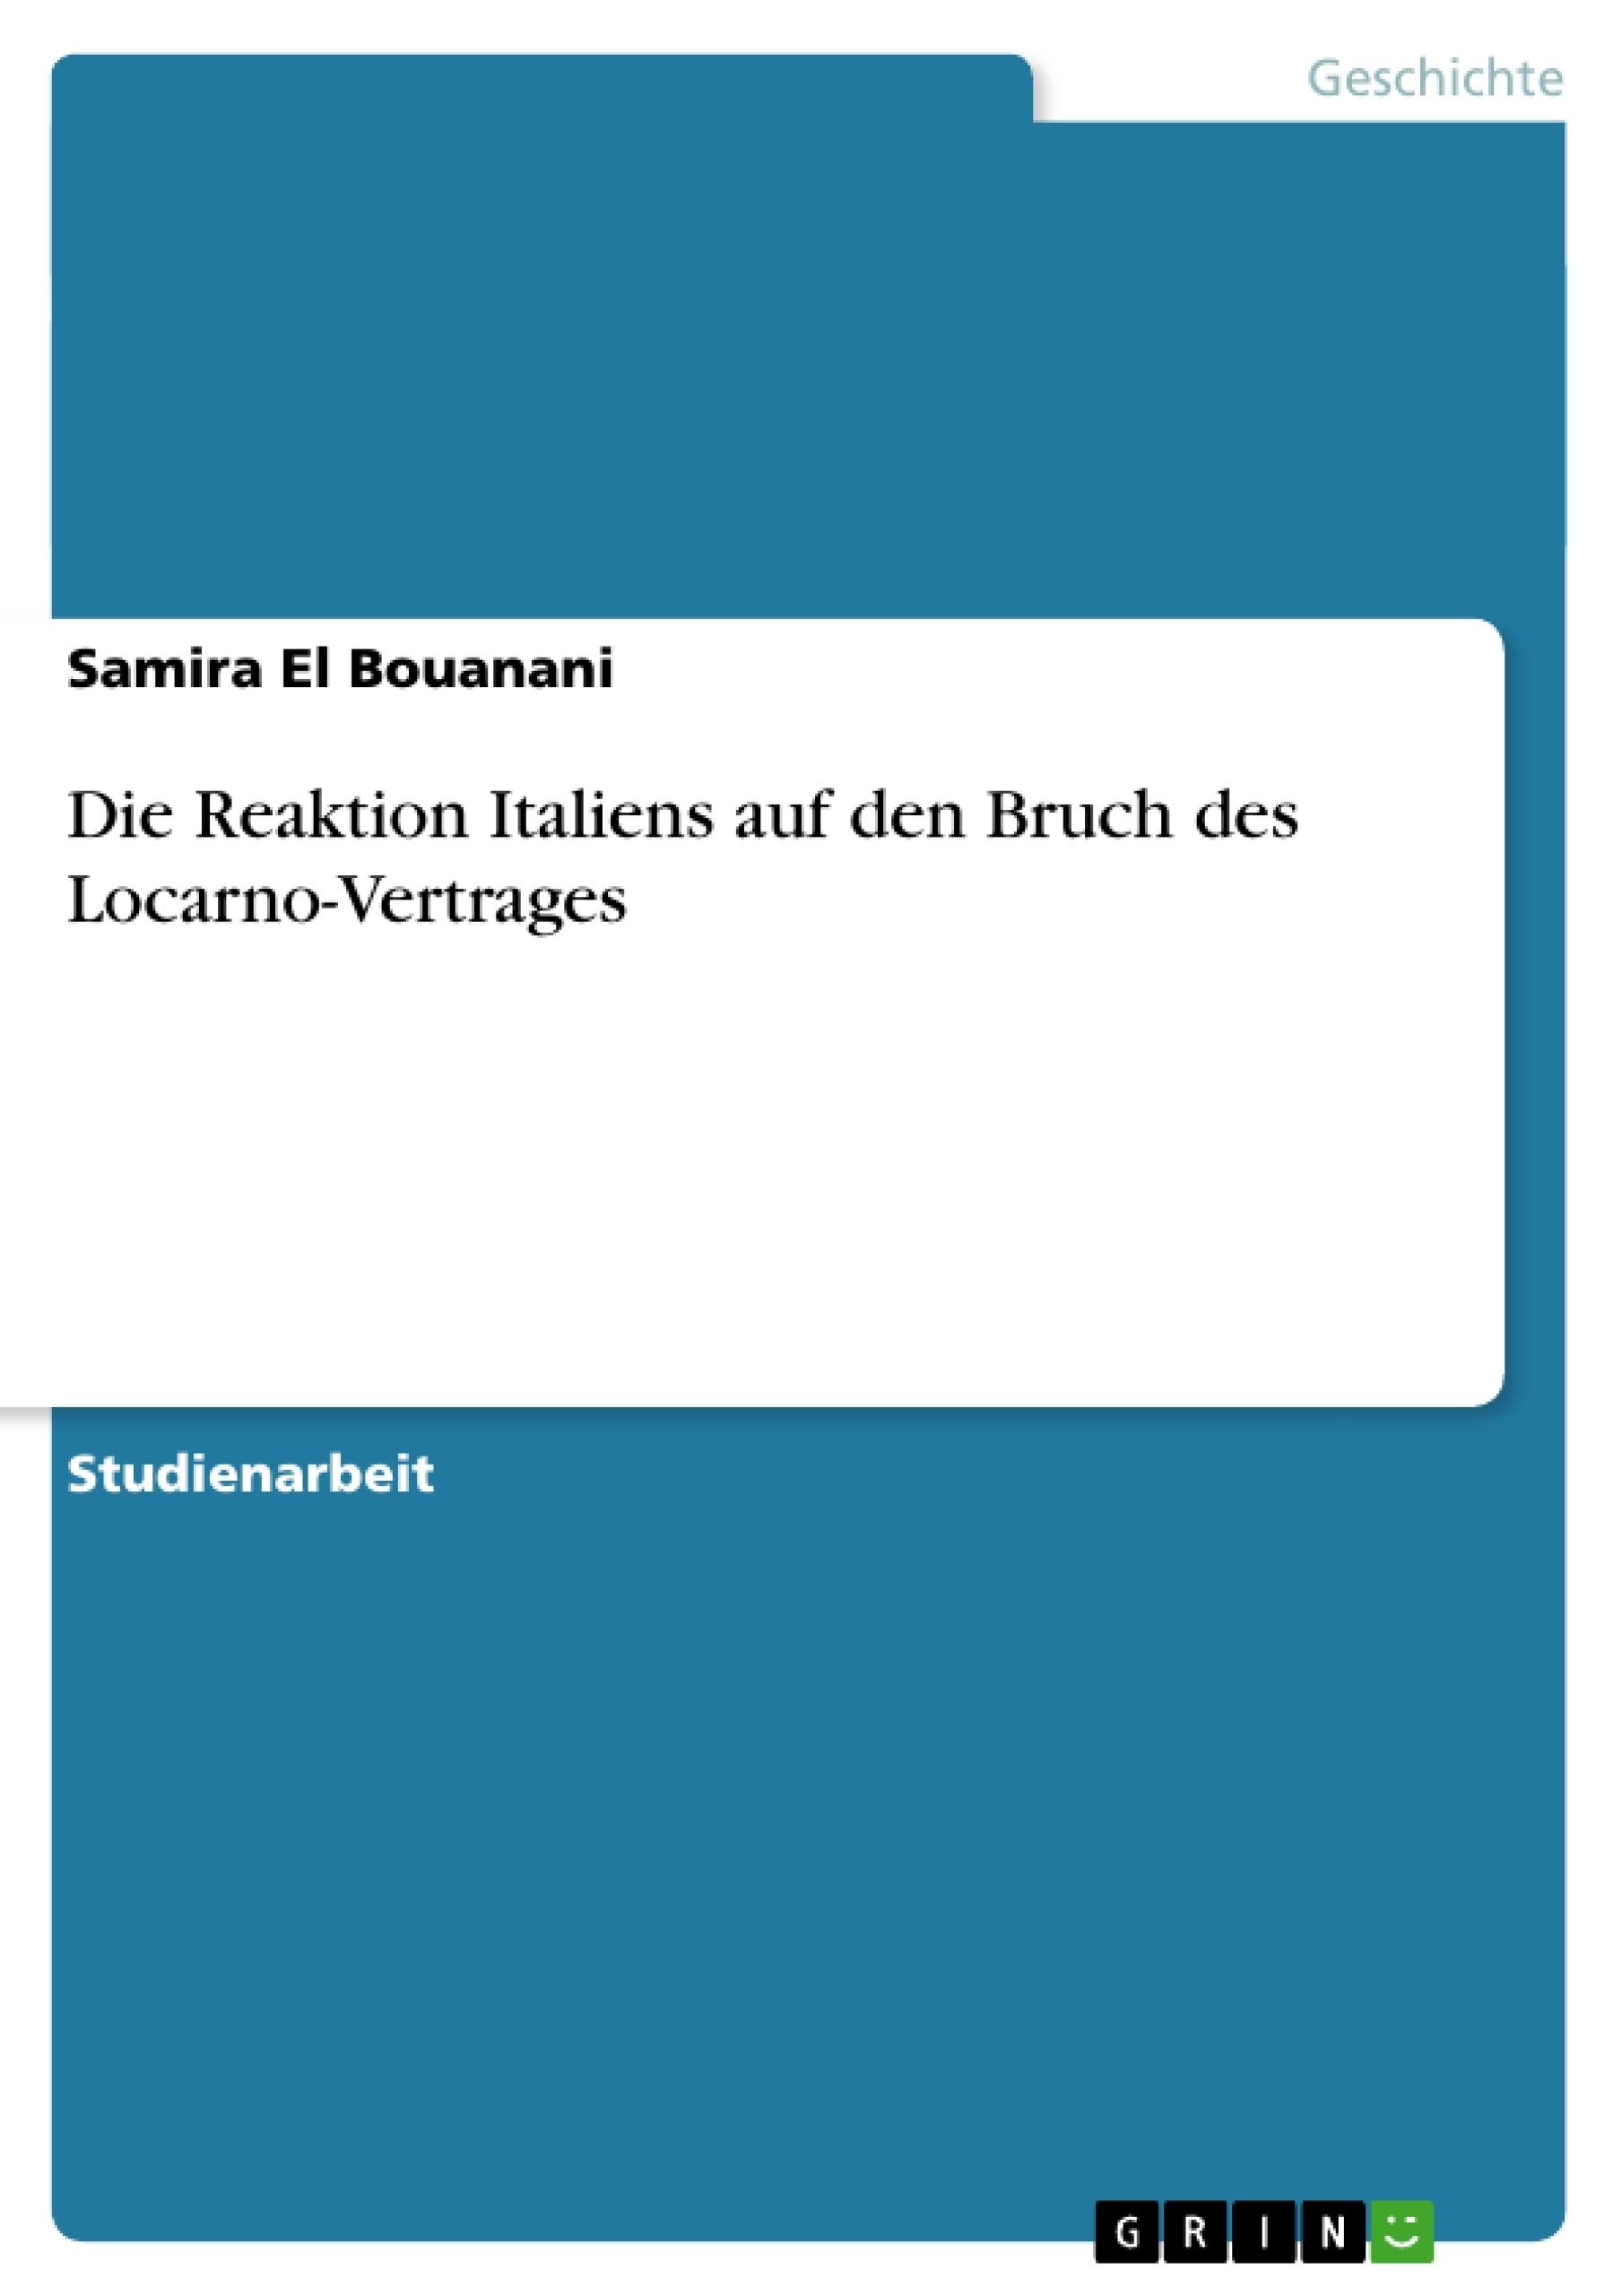 Titel: Die Reaktion Italiens auf den Bruch des Locarno-Vertrages